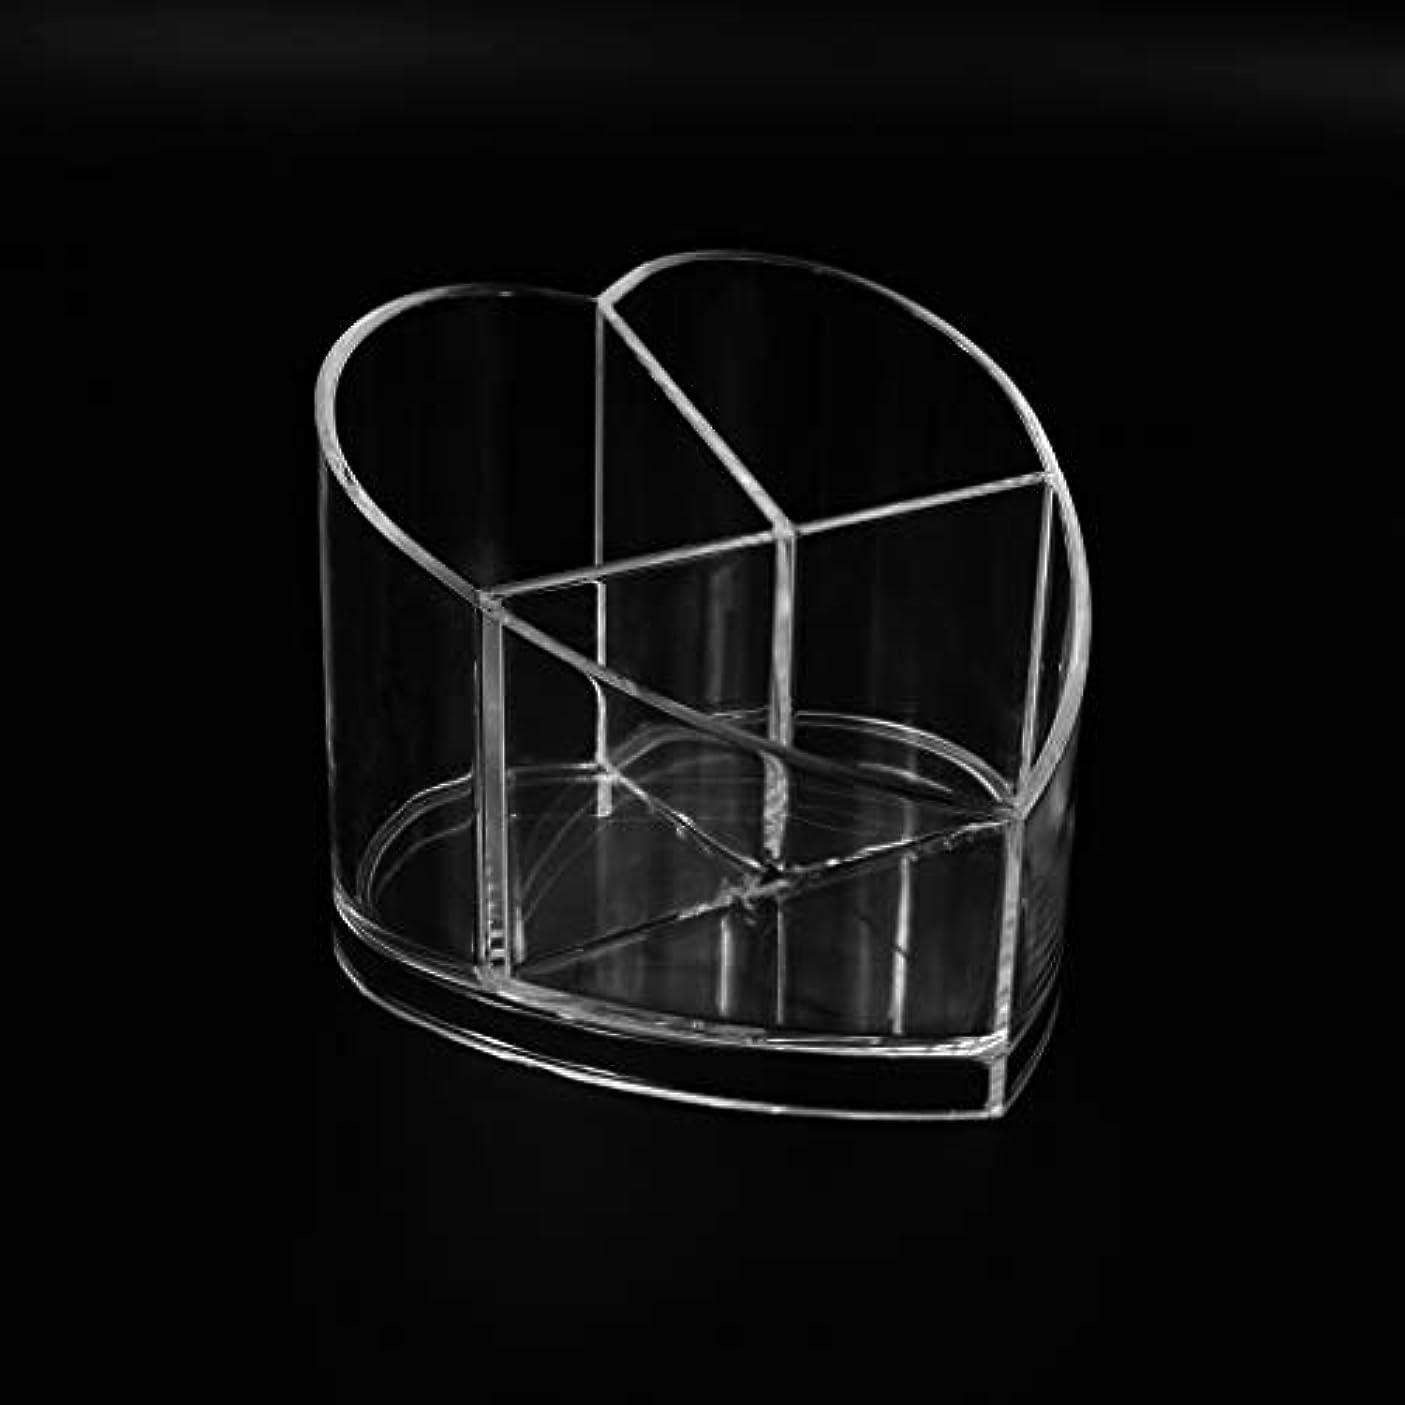 否認する傷つける平凡RiLiKu 卓上収納ケース アクリル メイクブラシホルダー コスメ収納 透明 卓上ペン立て 文房 具 口紅 化粧ブラシ ネイルカラー 収納ケース